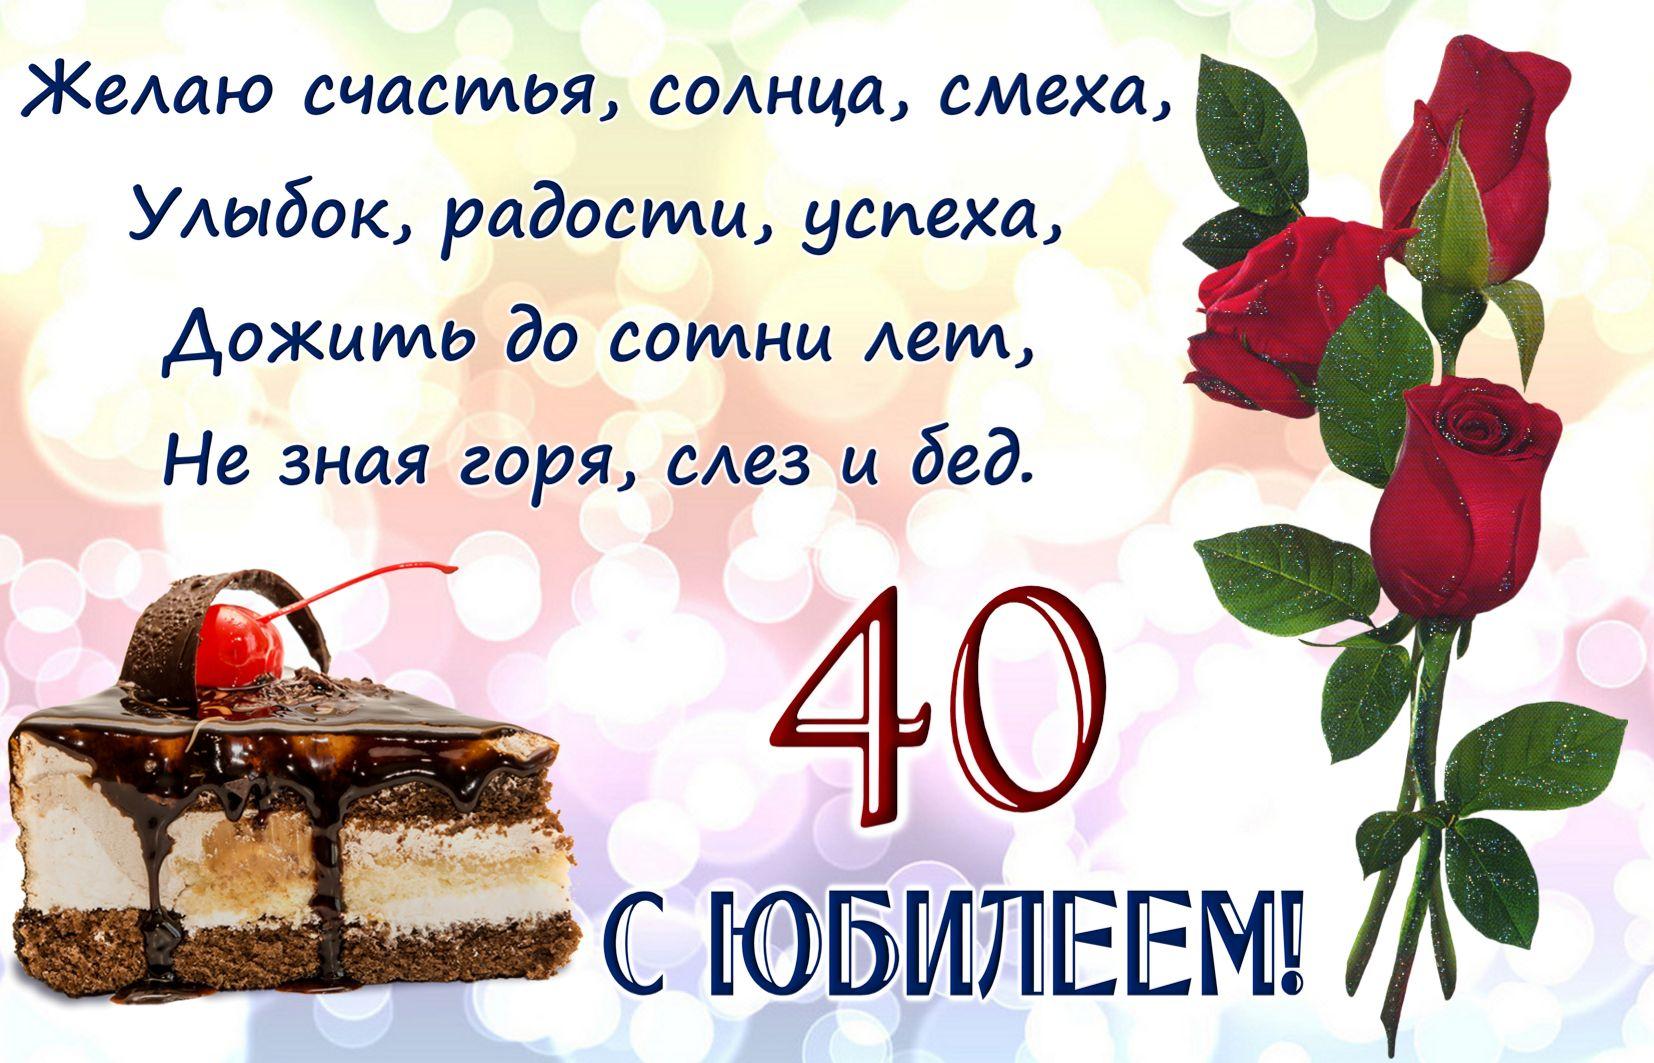 Открытка на юбилей 40 лет - бордовая роза и кусочек торта с вишенкой